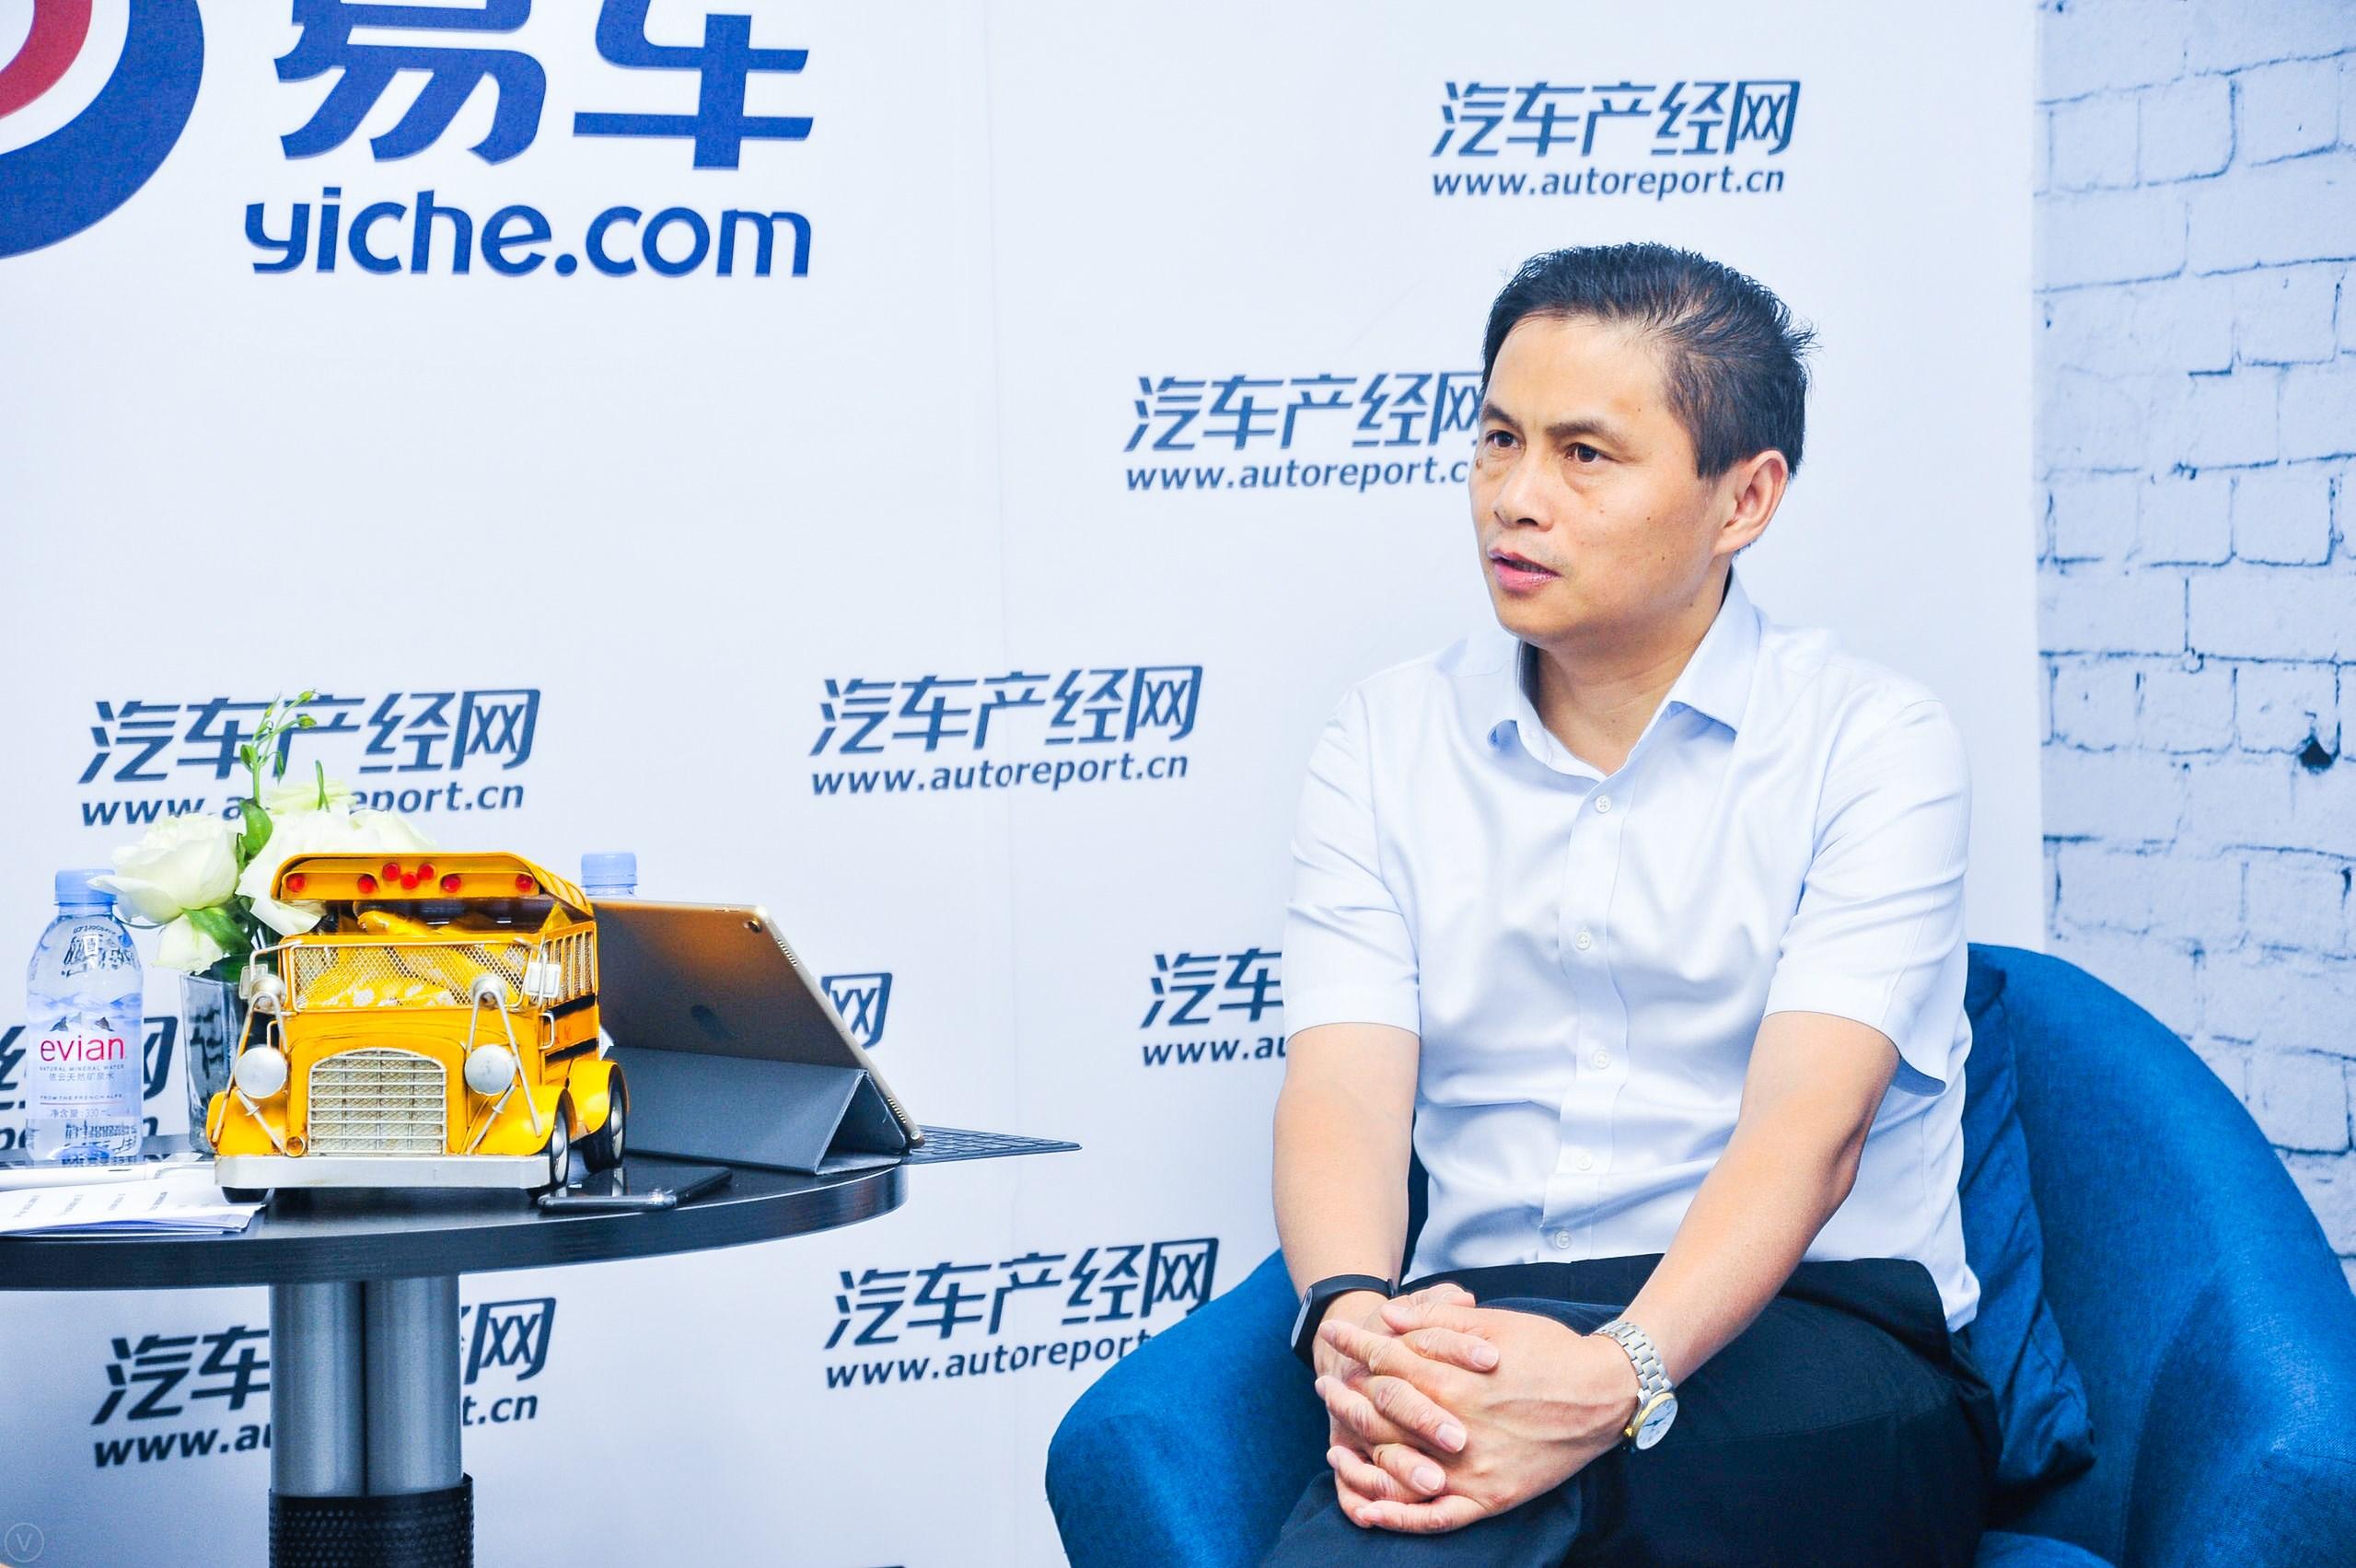 高新华:平台化是支点 奇瑞要实现跨品牌战略布局 | 汽车产经